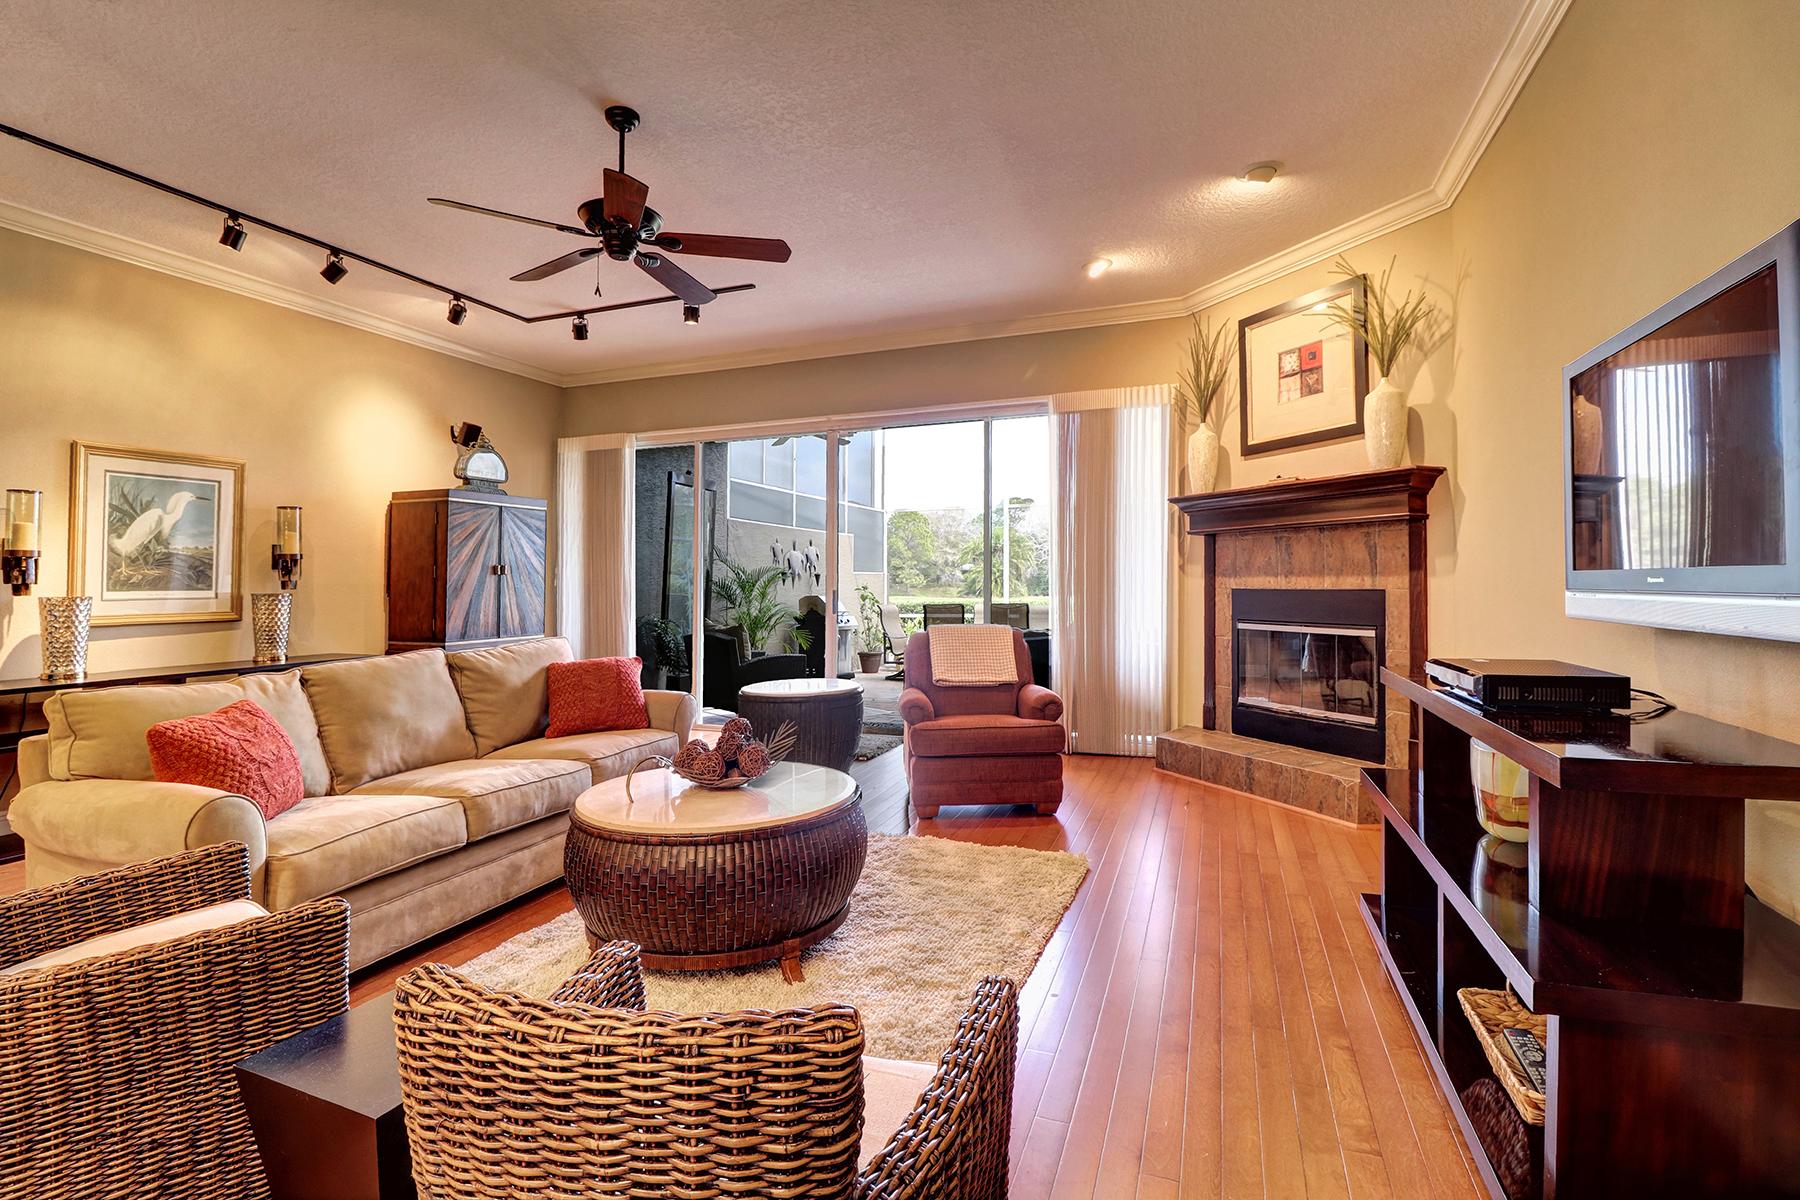 联栋屋 为 销售 在 PALM HARBOR 2479 Johnna Ct 棕榈港, 佛罗里达州, 34685 美国